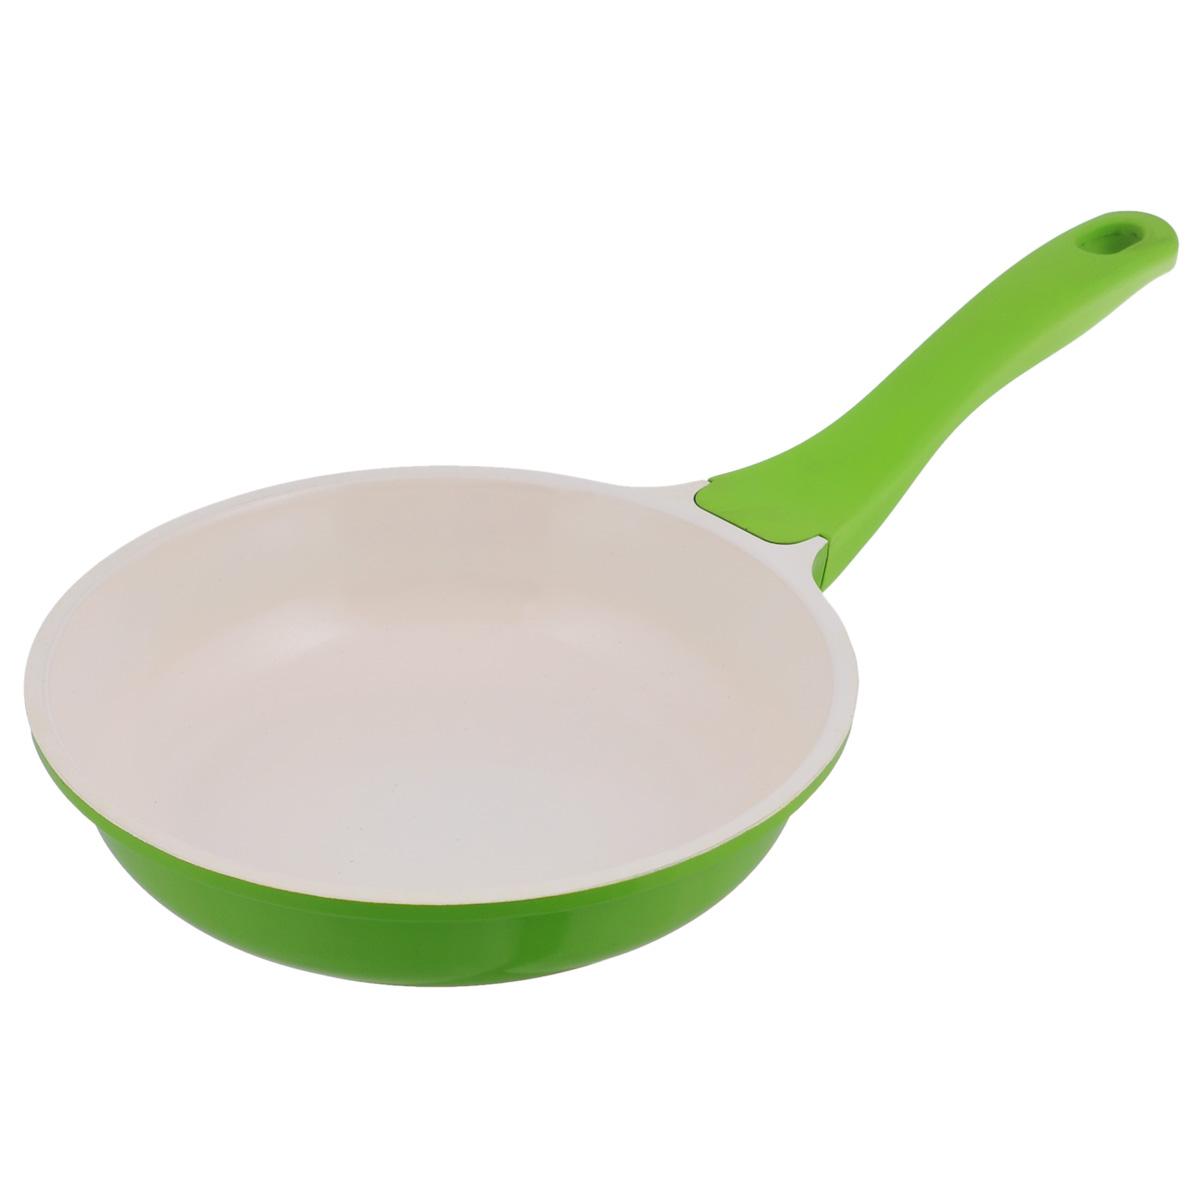 Сковорода Mayer & Boch с керамическим покрытием, цвет: салатовый. Диаметр 26 см. 2219422194Сковорода Mayer & Boch изготовлена из литого алюминия с керамическим покрытием. Сковорода предназначена для здорового и экологичного приготовления пищи. Пища не пригорает и не прилипает к стенкам. Абсолютно гладкая поверхность легко моется. Посуда экологически чистая, не содержит примеси ПФОК. Рукоятка специального дизайна, выполненная из пластика с силиконовым покрытием, удобна и комфортна в эксплуатации. Внешнее цветное покрытие устойчиво к воздействию высоких температур. Можно использовать на газовых, электрических, стеклокерамических, галогеновых, индукционных плитах. Можно мыть в посудомоечной машине. Высота стенки: 6 см.Толщина стенки: 2,5 мм.Толщина дна: 5,5 мм. Длина ручки: 18,5 см.Диаметр индукционного диска: 18 см.